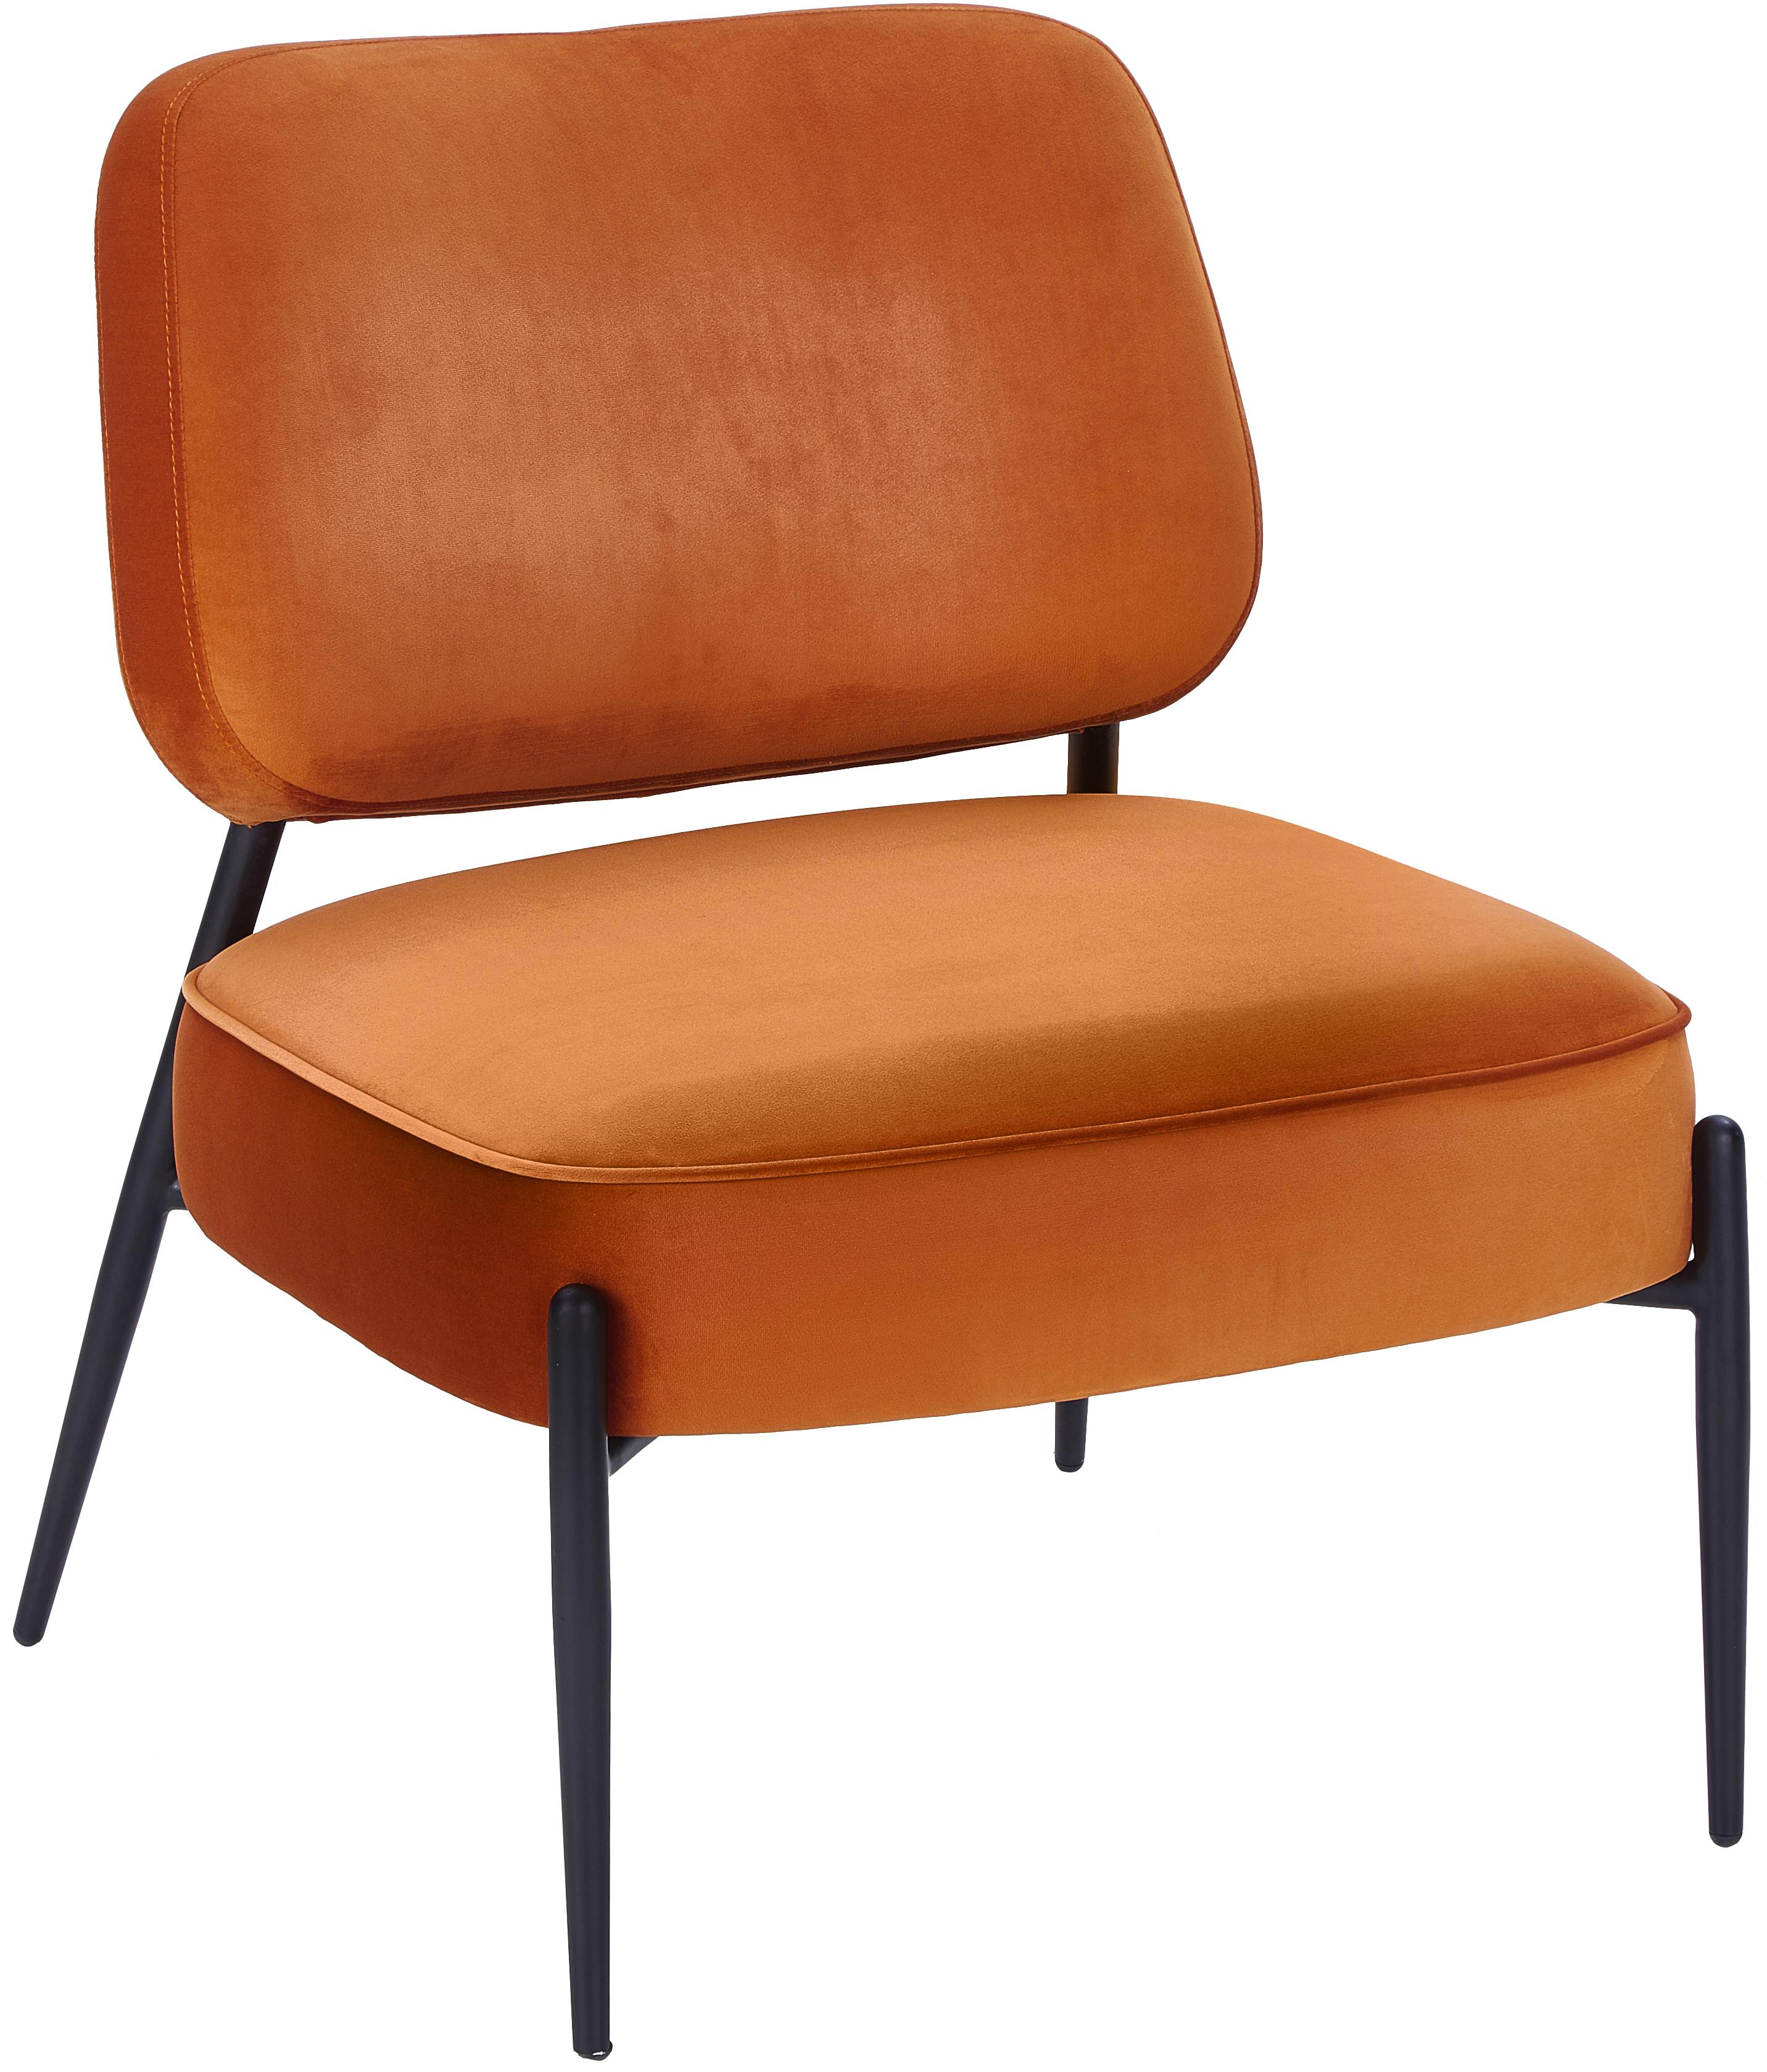 Fluwelen fauteuil Viggo, Bekleding: fluweel (polyester), Poten: gepoedercoat metaal, Oranje, B 62 x D 67 cm